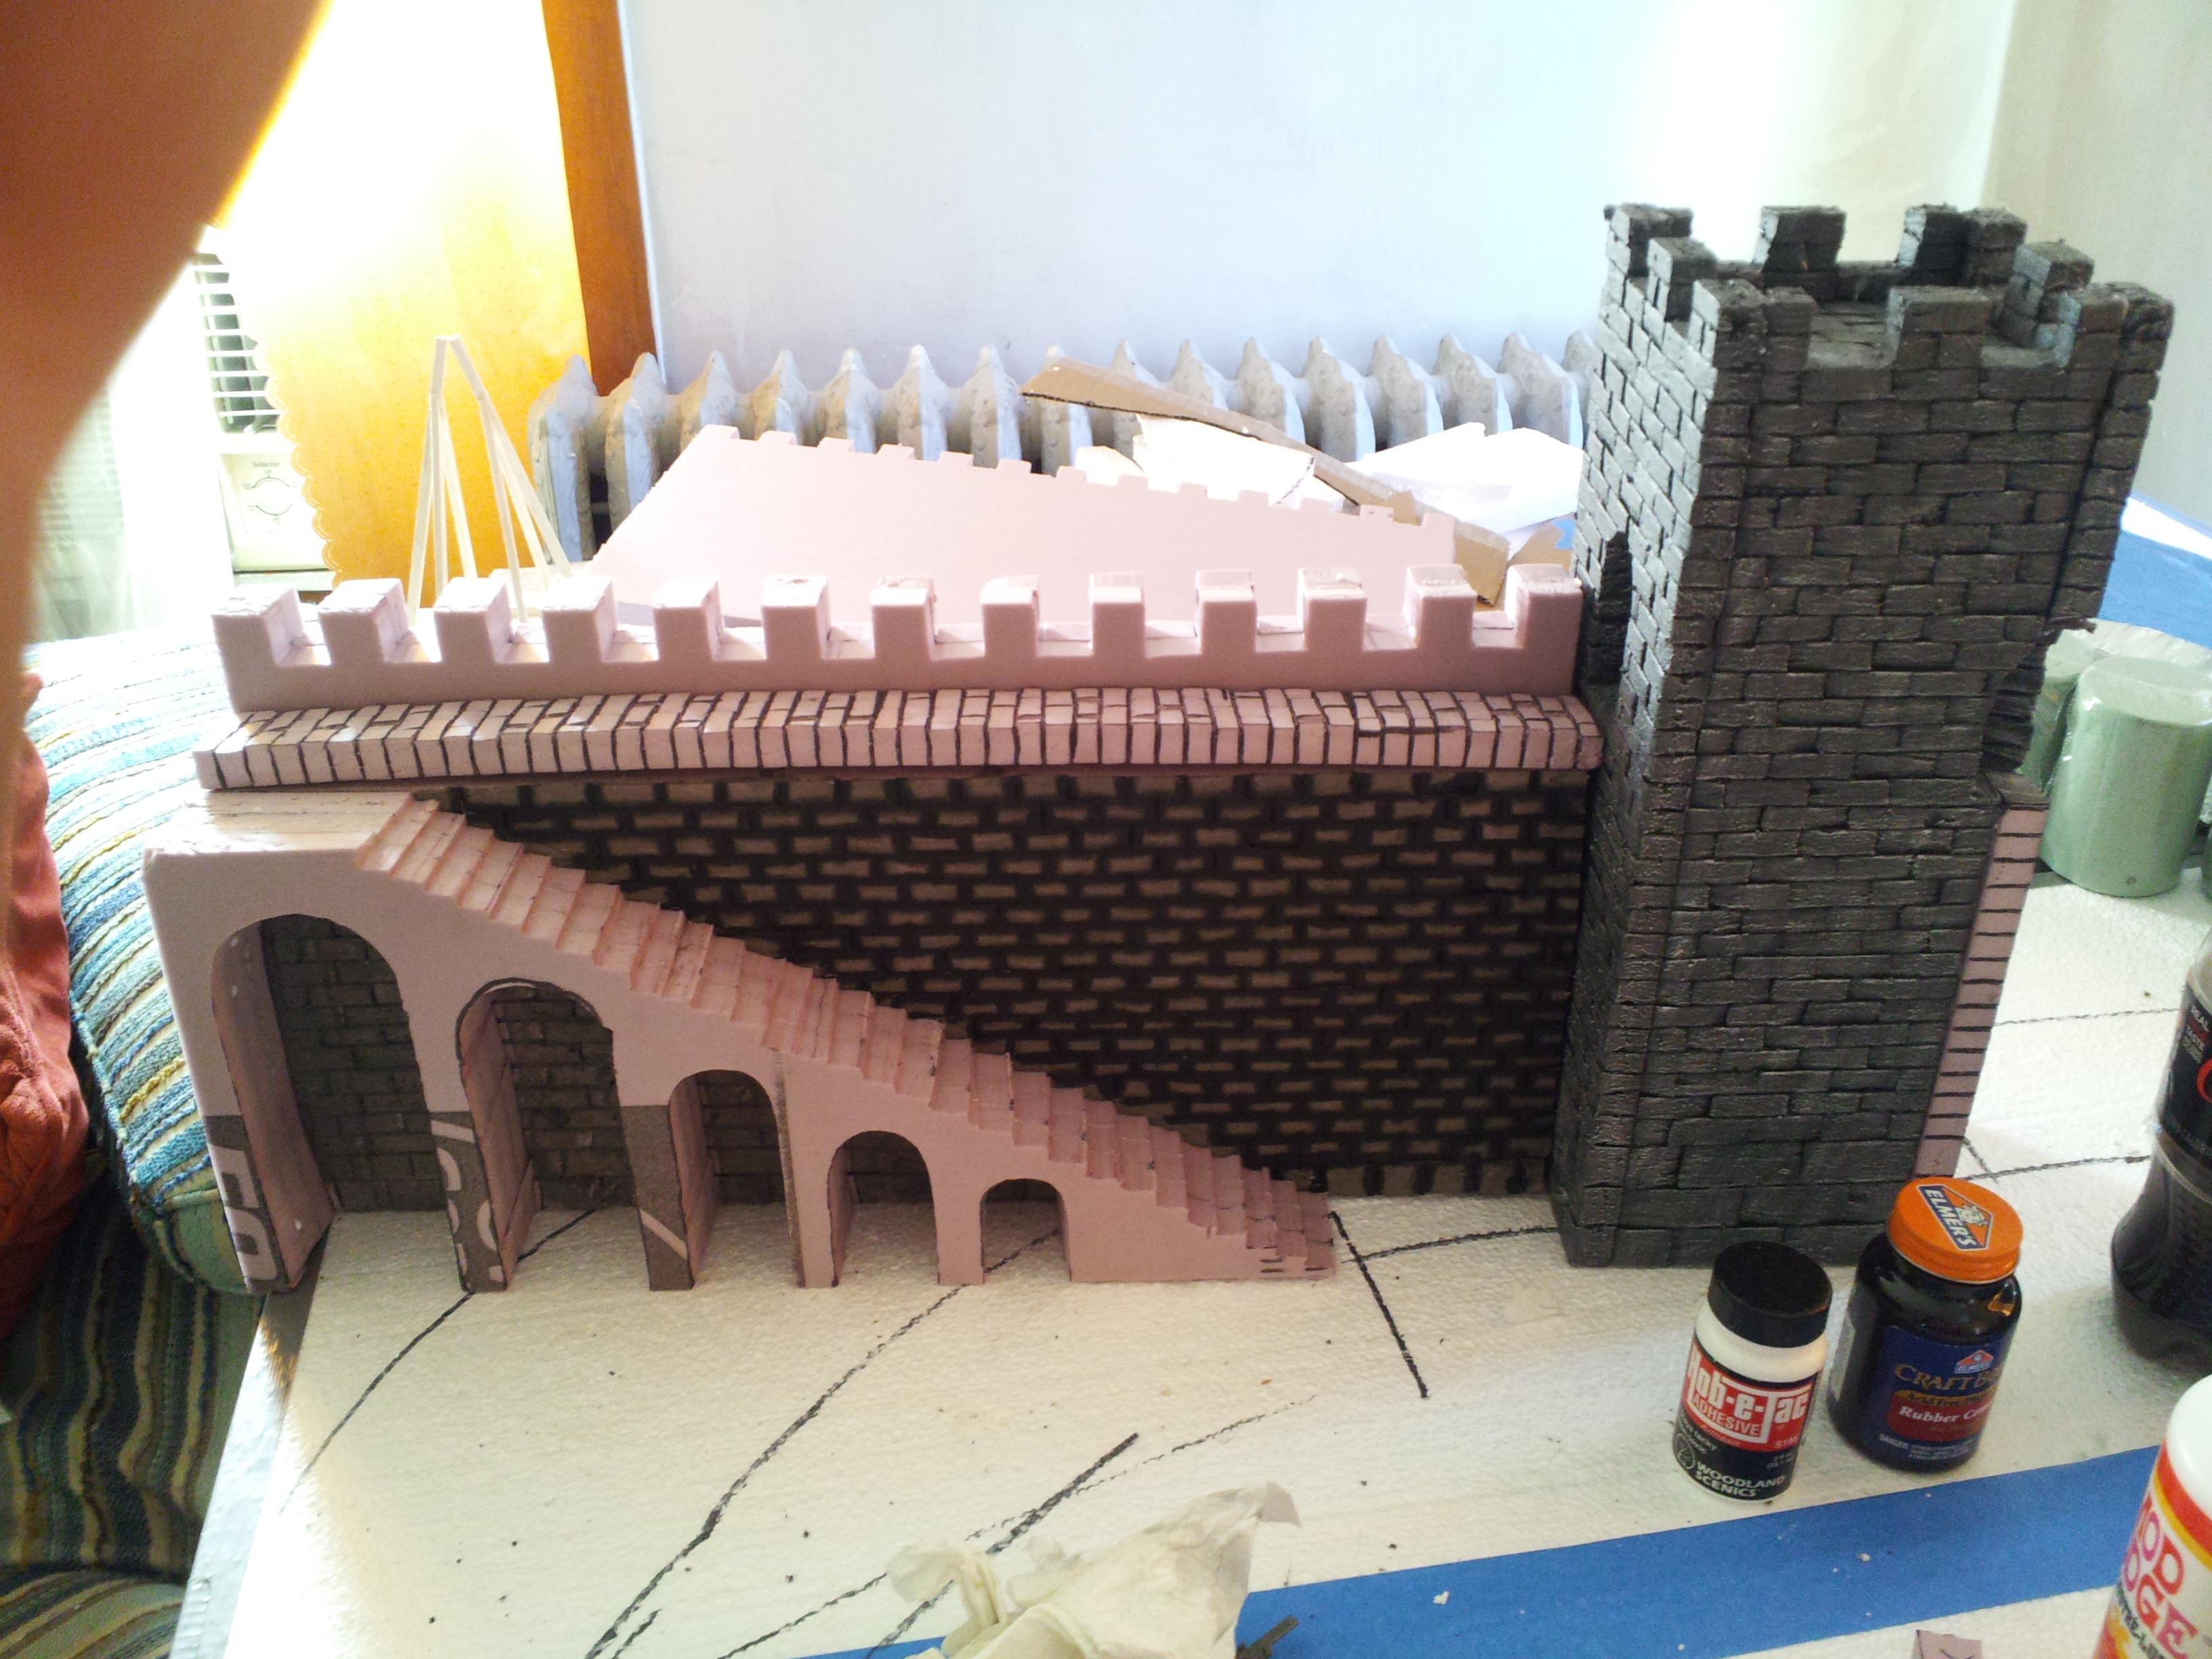 Terrain, Inner Wall Phase 1